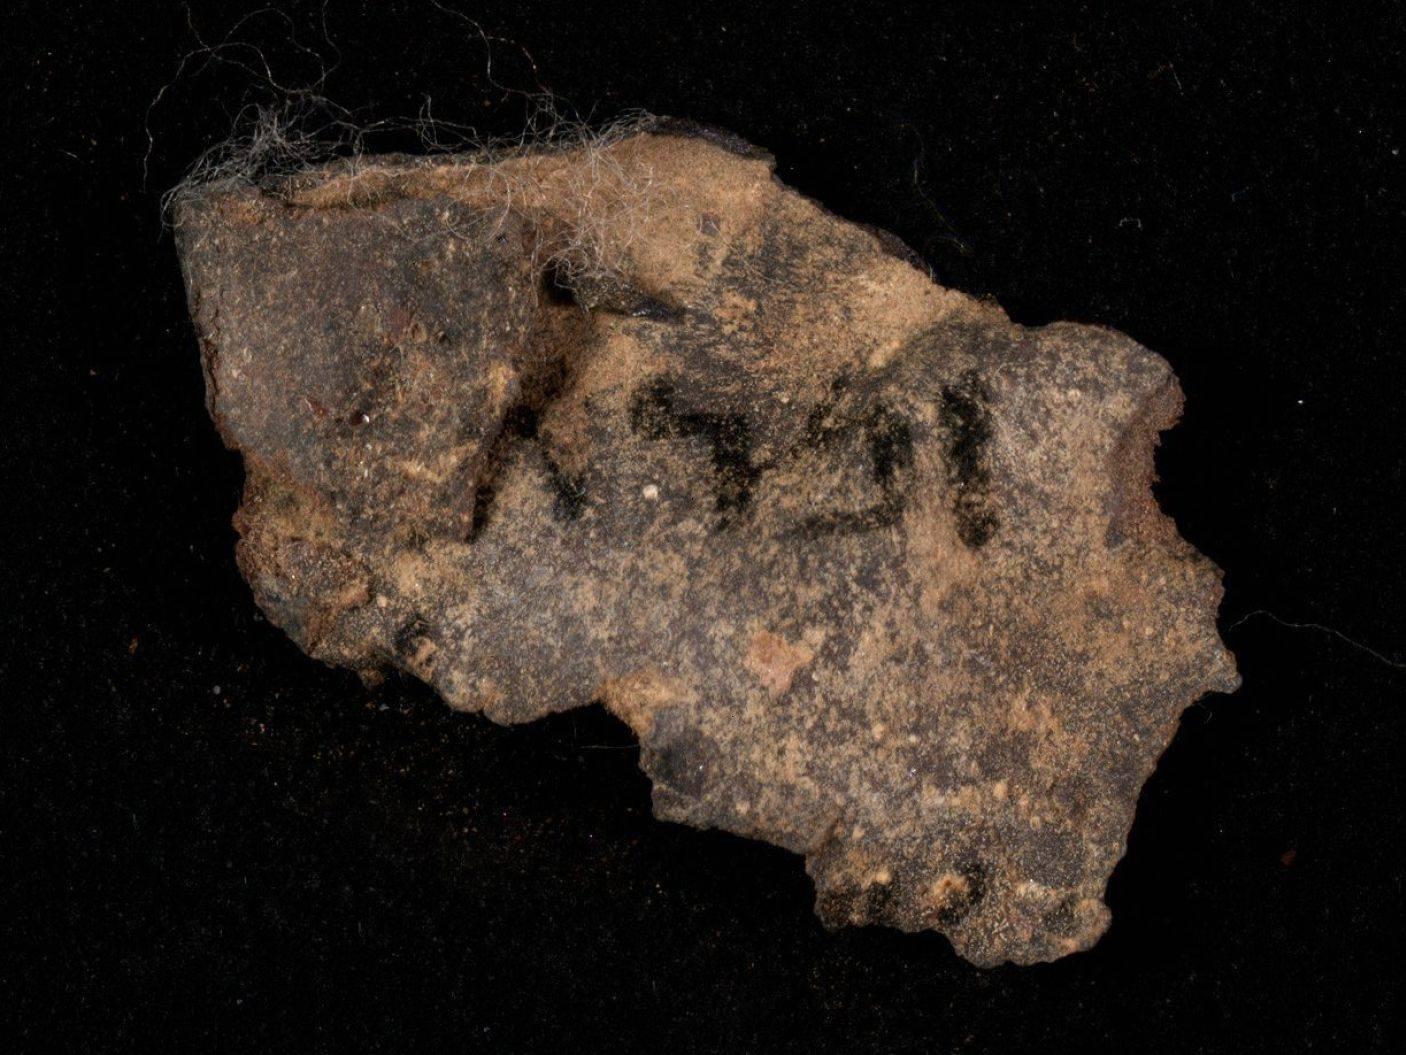 La tecnología de imágenes desarrollada para la NASA encuentra escritos nunca antes vistos en el fragmento del Pergamino del Mar Muerto. Crédito: Shai Halevi, Biblioteca Digital de los Rollos del Mar Muerto de Leon Levy